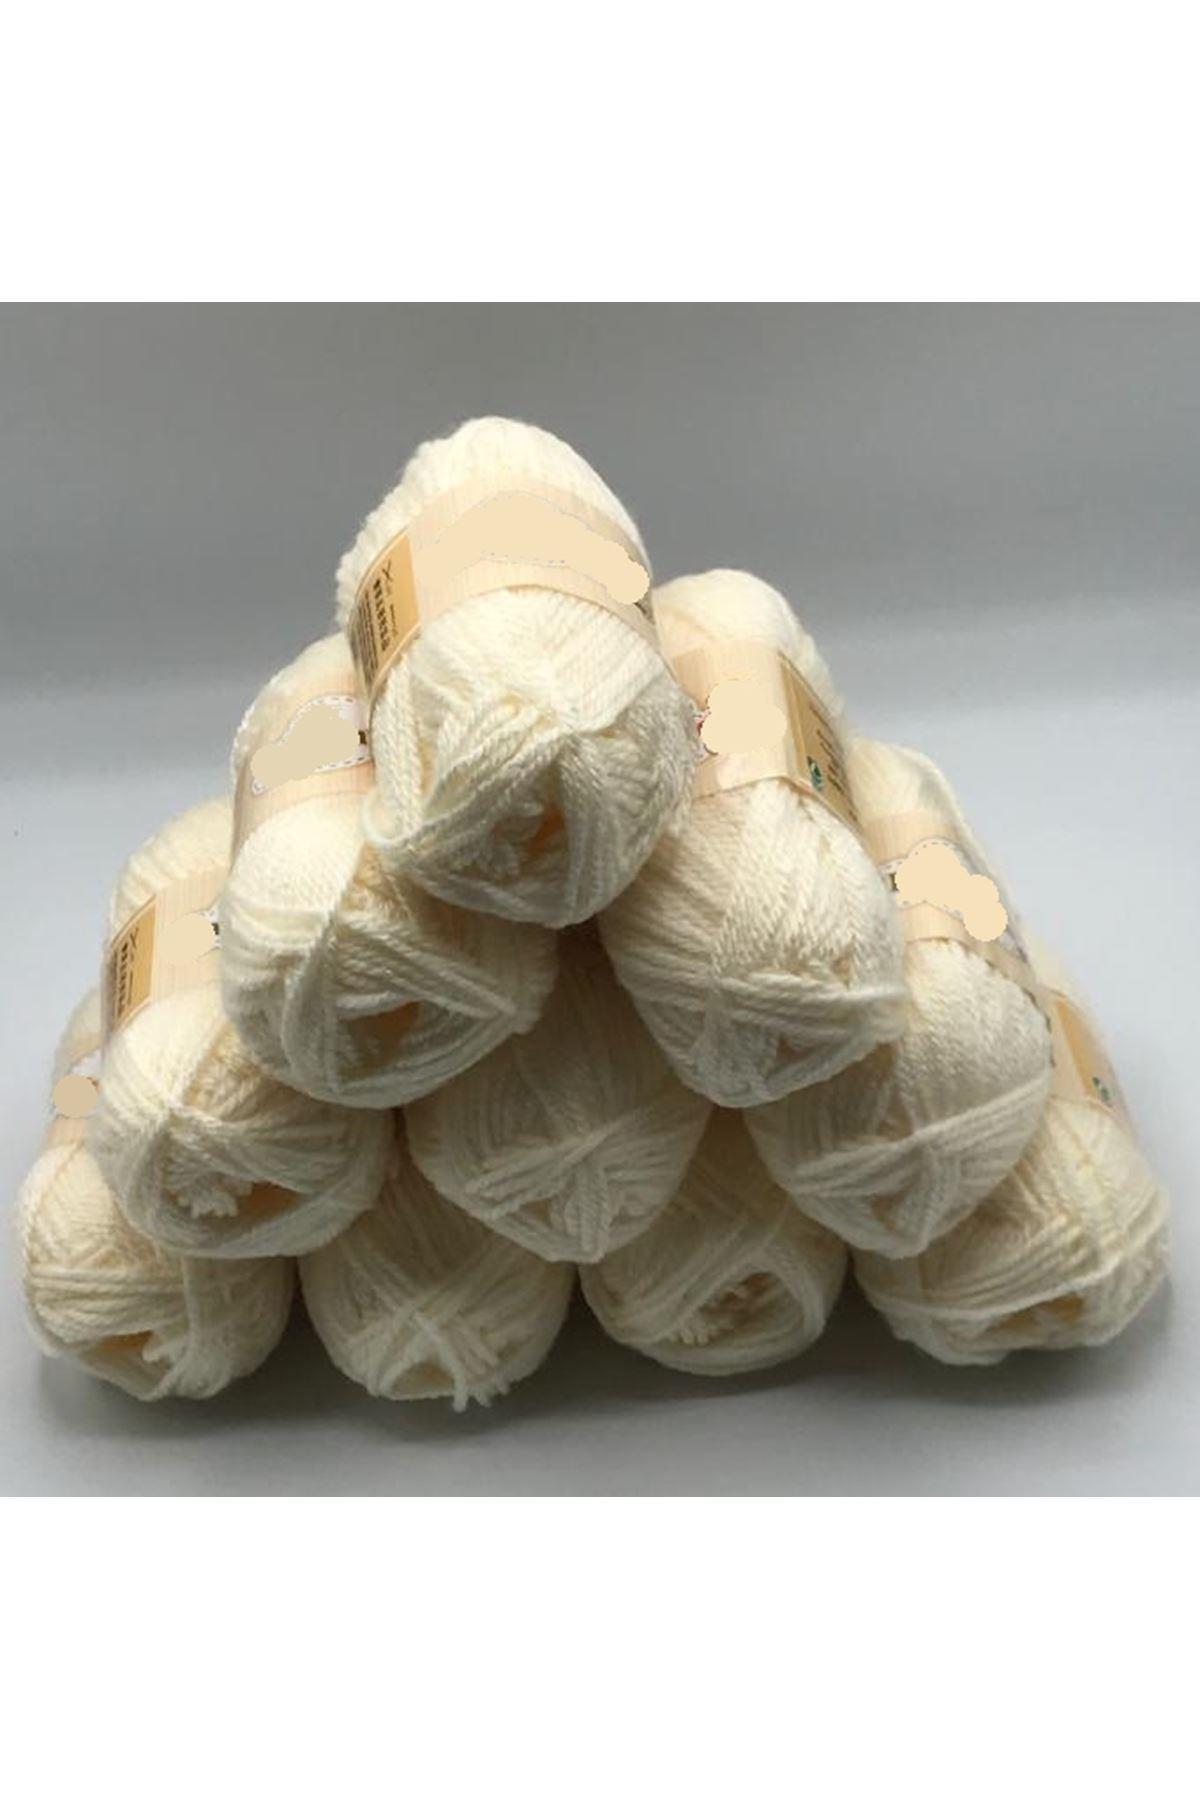 İhrac Fazlası 10'lu Paket 400 GRAM Akrilik Krem 274